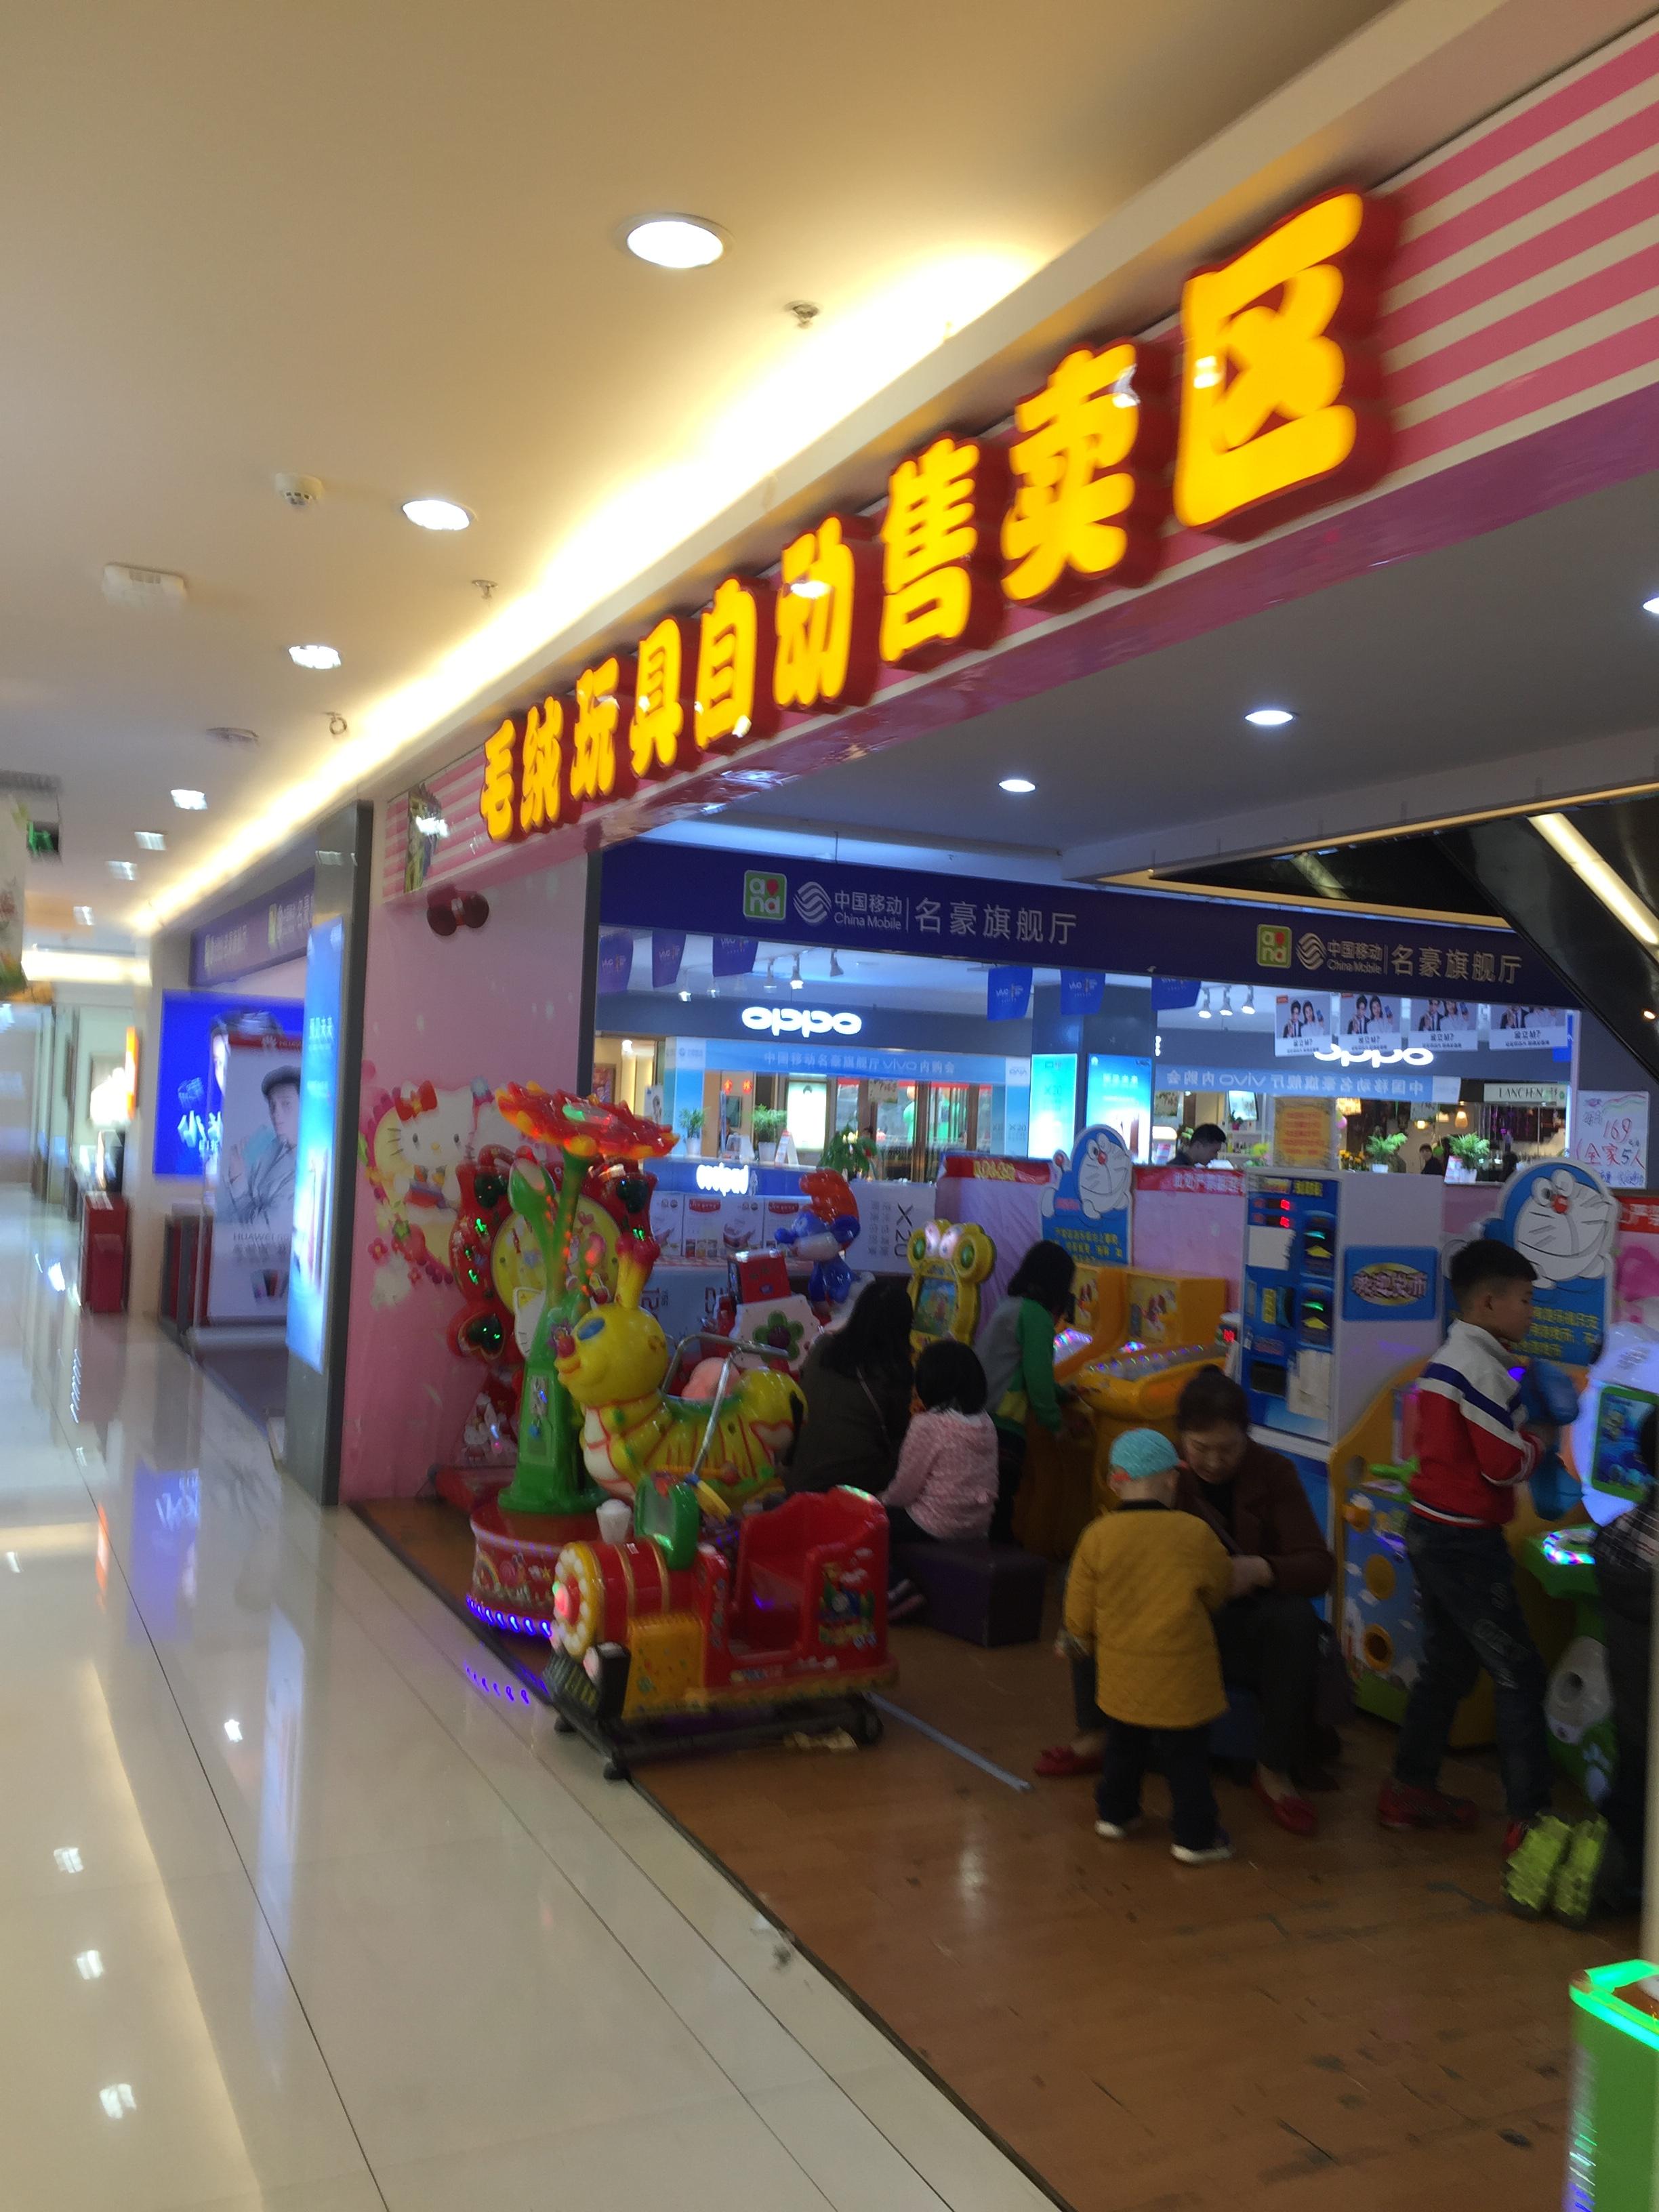 毛绒玩具自动售卖区